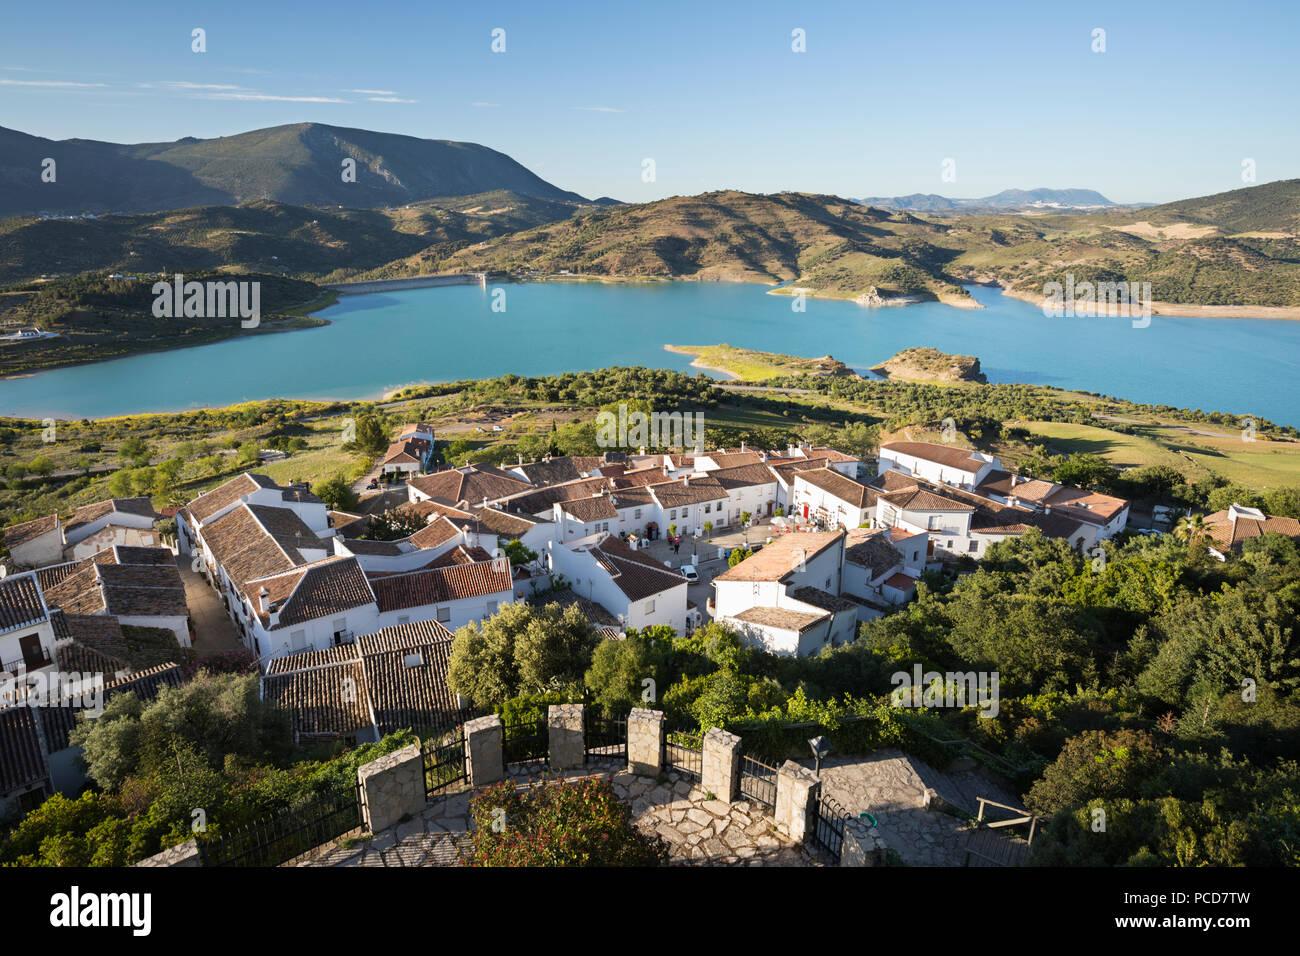 Vista de la aldea blanca y depósito de color turquesa, Zahara de la Sierra, el Parque Natural Sierra de Grazalema, Andalucia, España, Europa Imagen De Stock